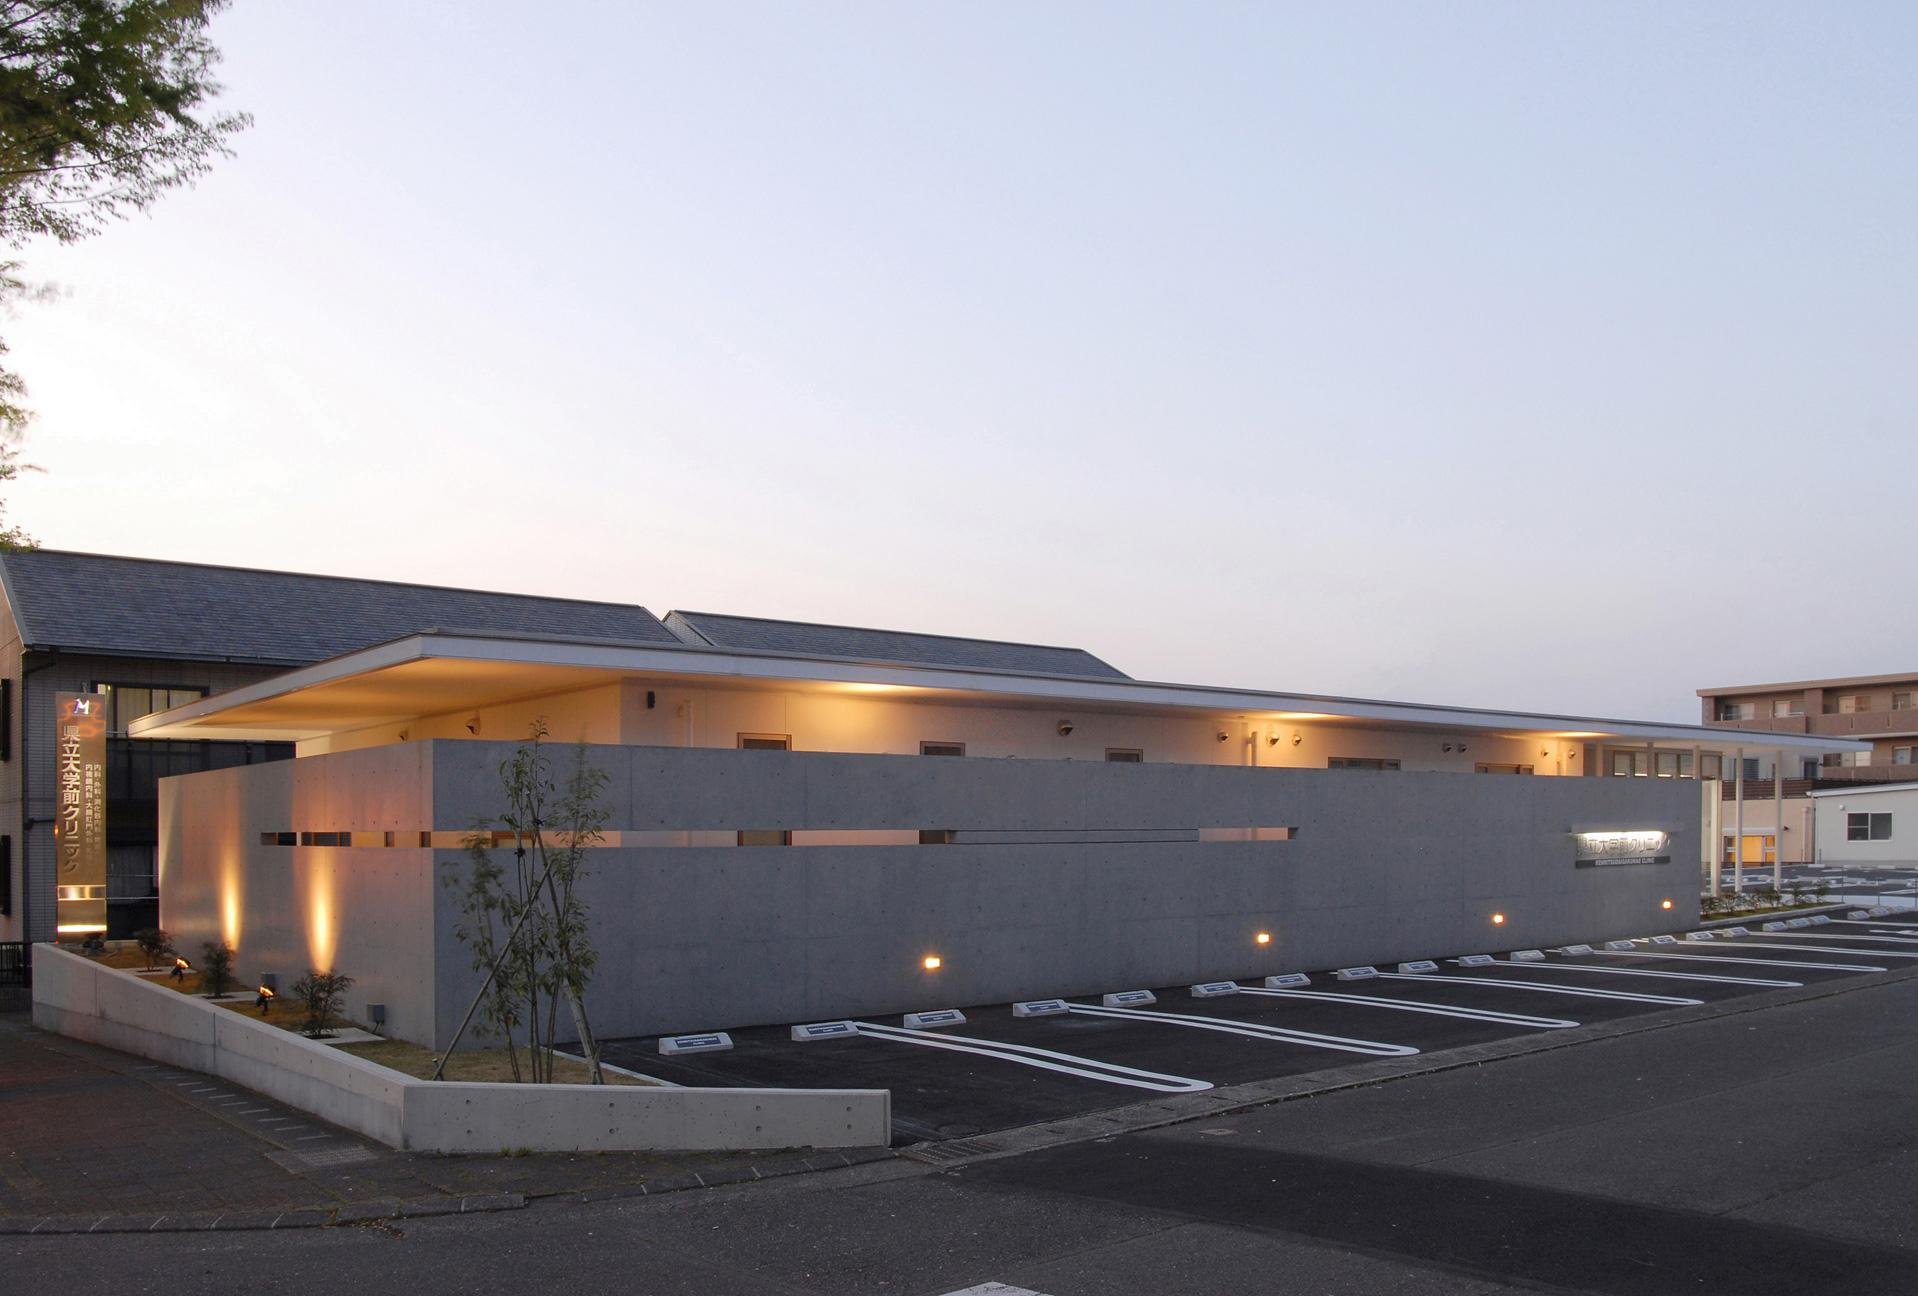 県立大学前クリニック~低く構えた シンプルなクリニック~の写真 クリニック駐車場